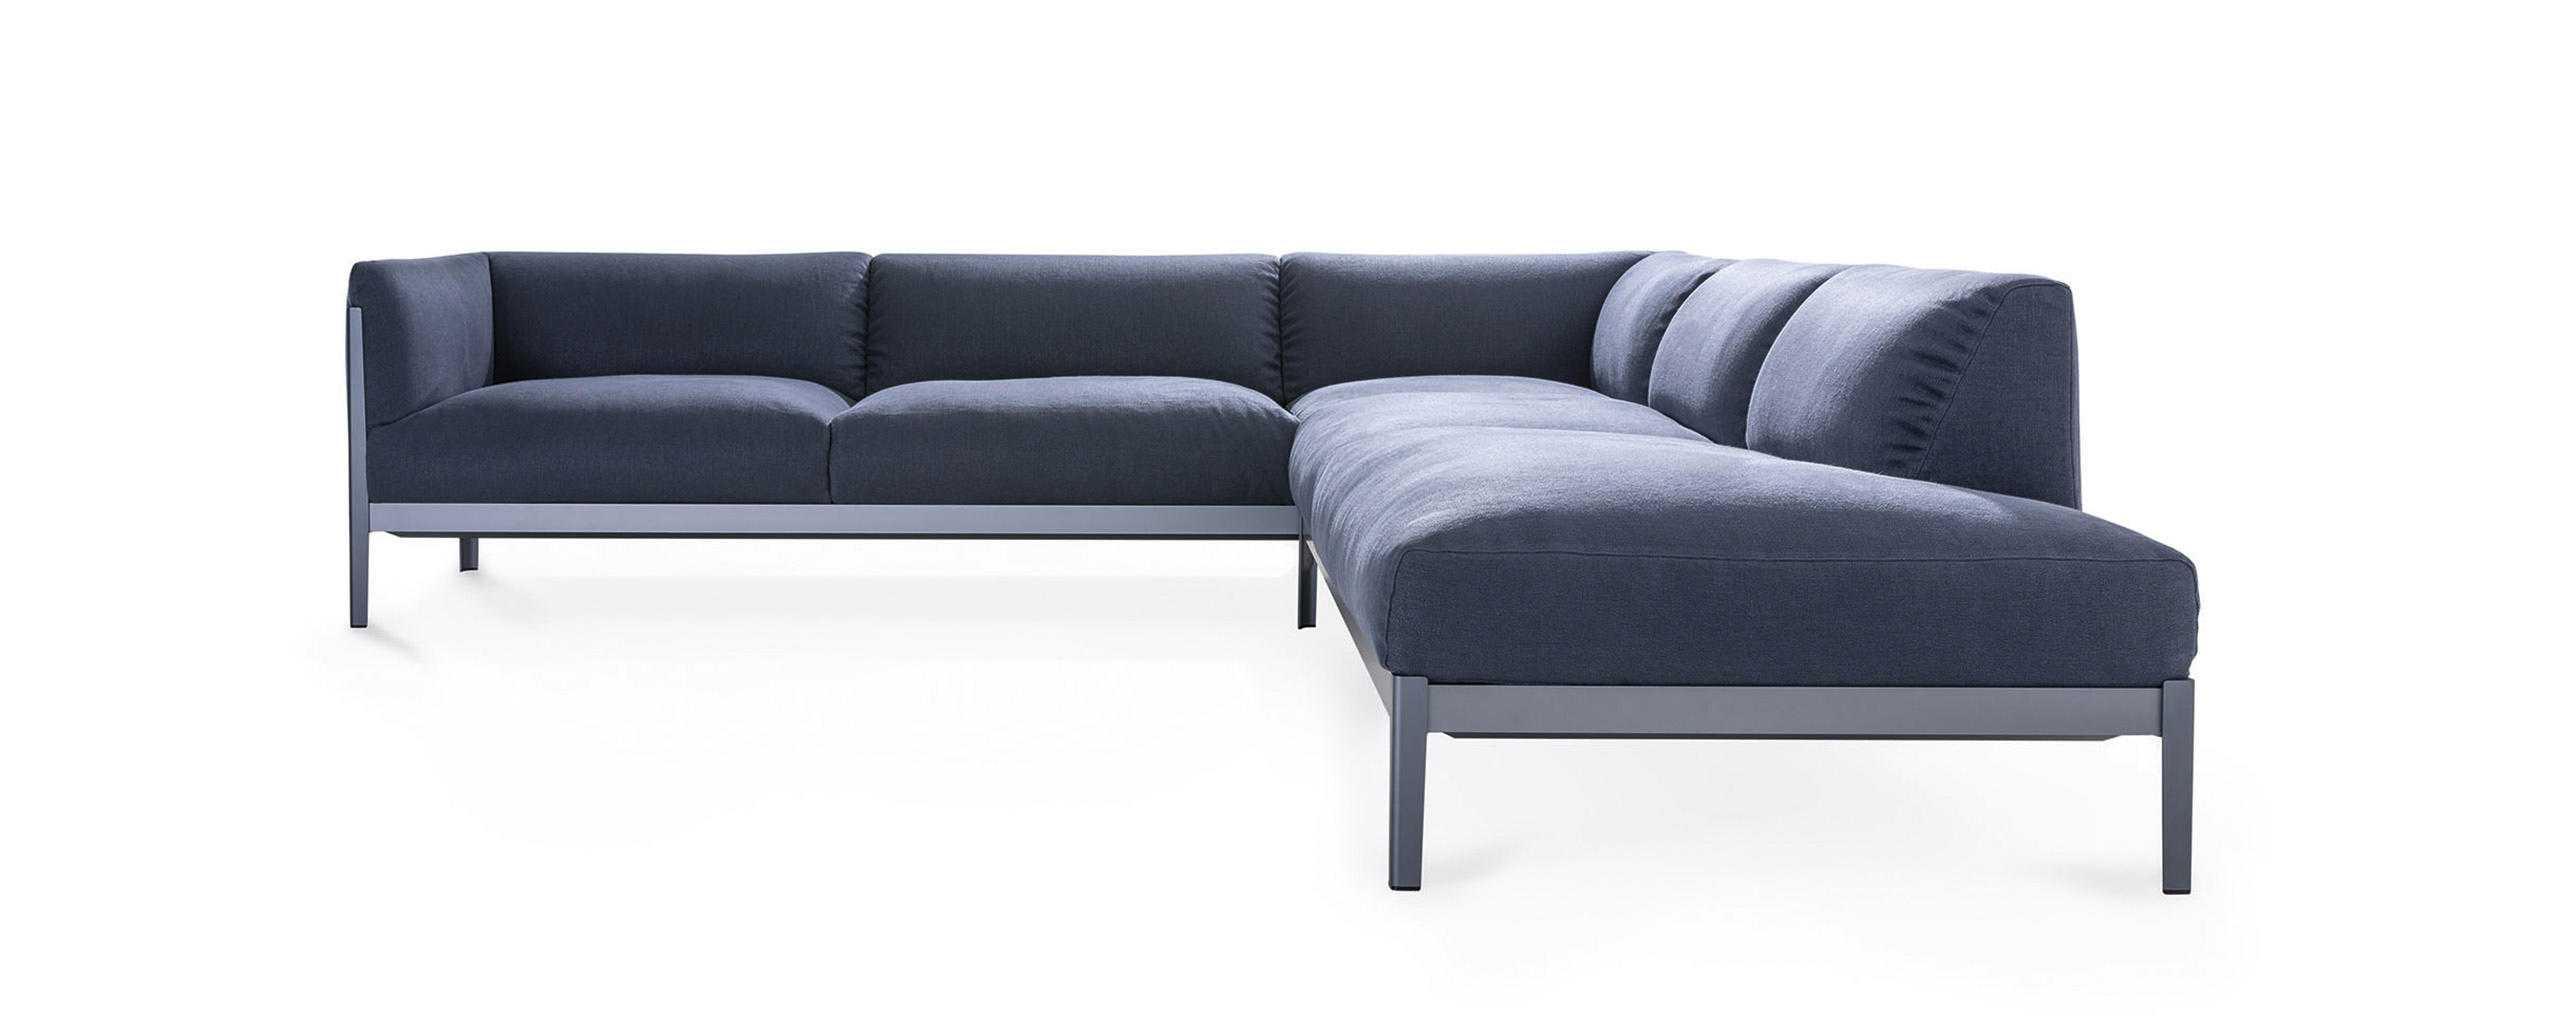 sofa nhập khẩu Itali